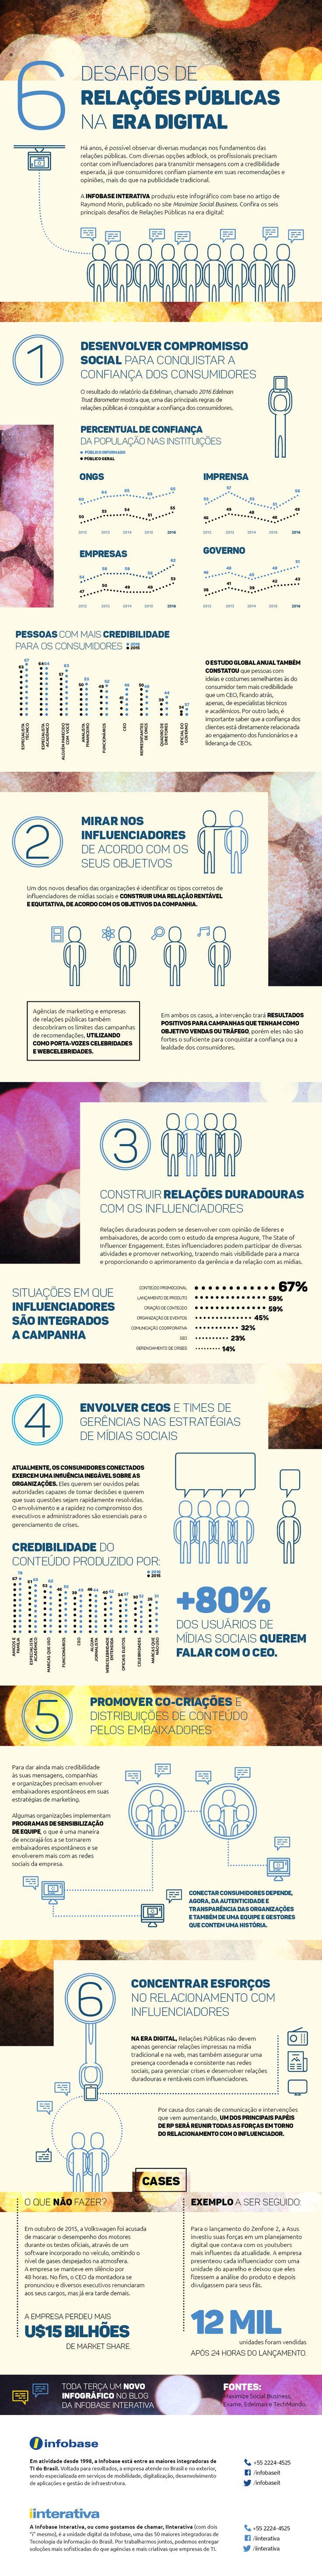 Infográfico – 6 desafios de Relações Públicas na era digital                                                                                                                                                                                 Mais